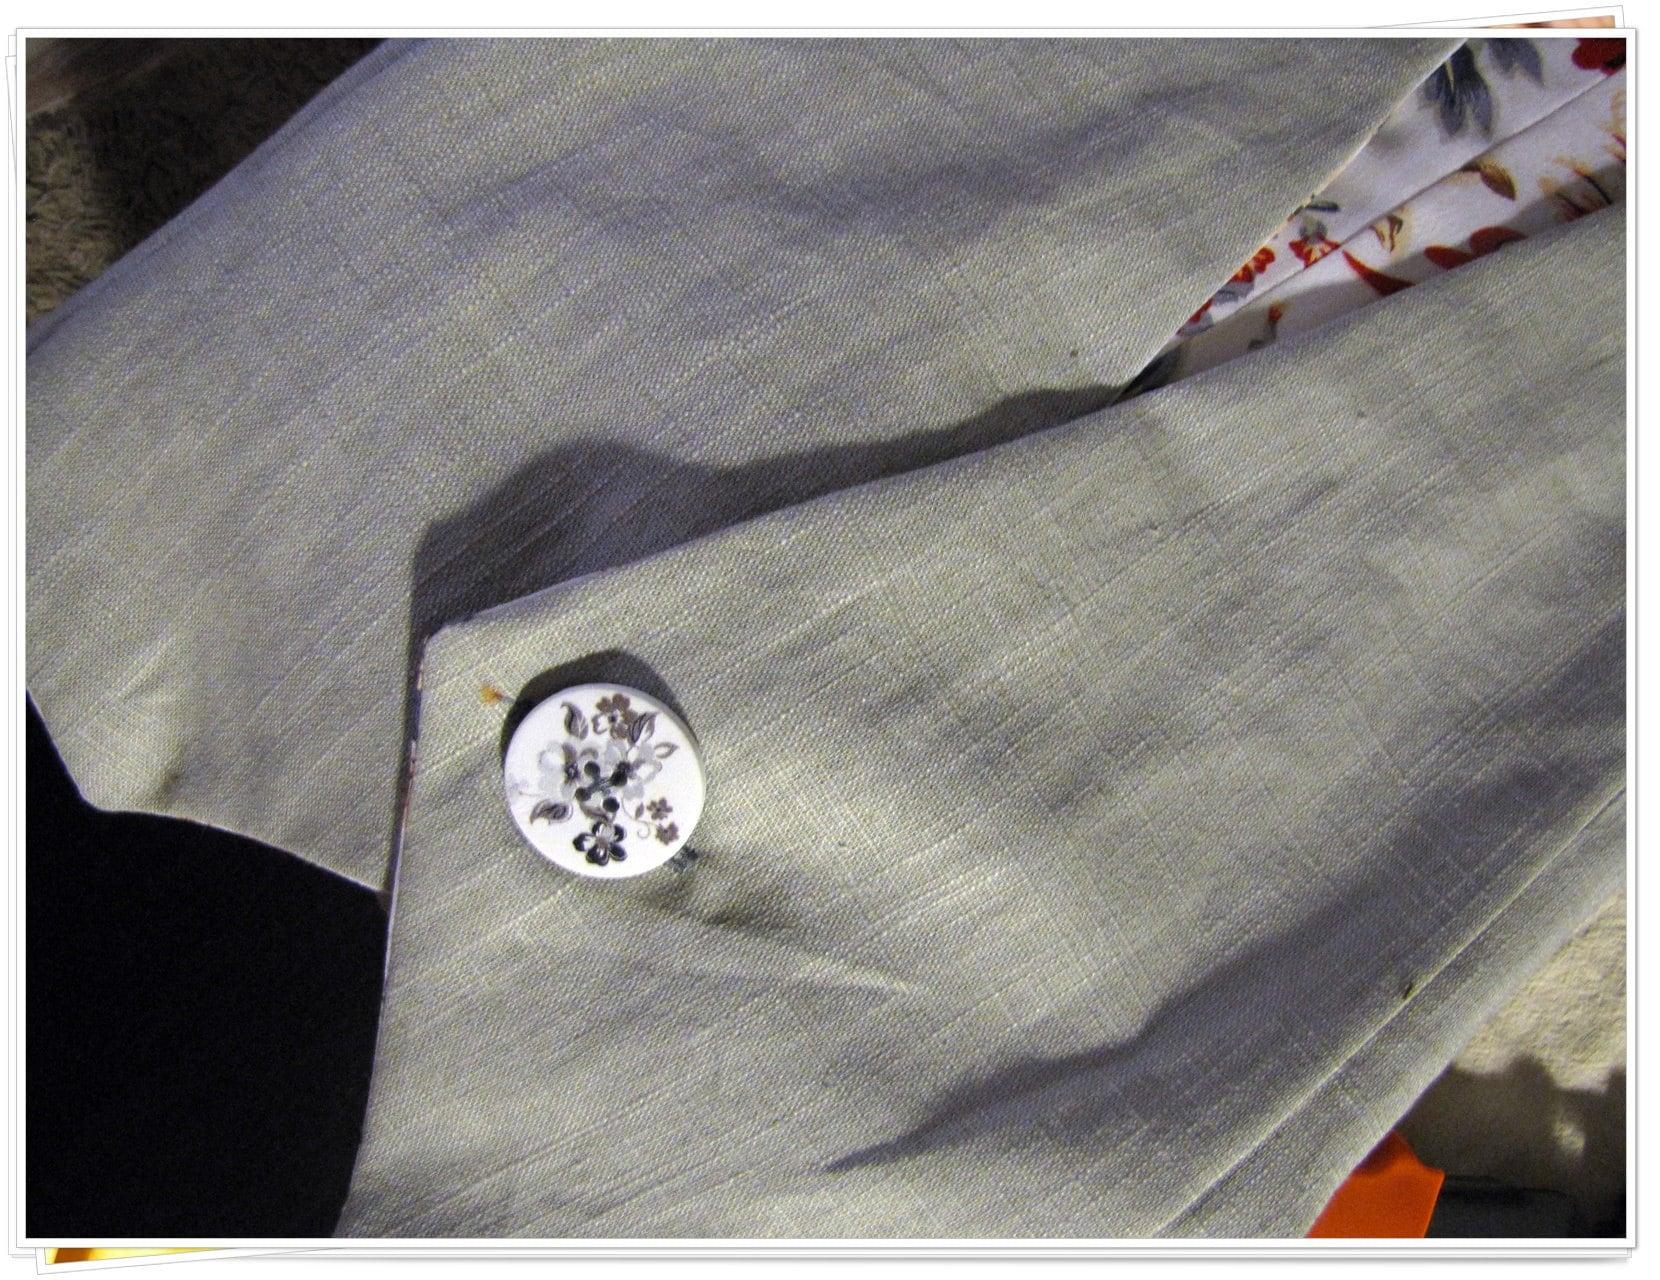 Vêtement en lin pour les hommes - Linen clothing for men